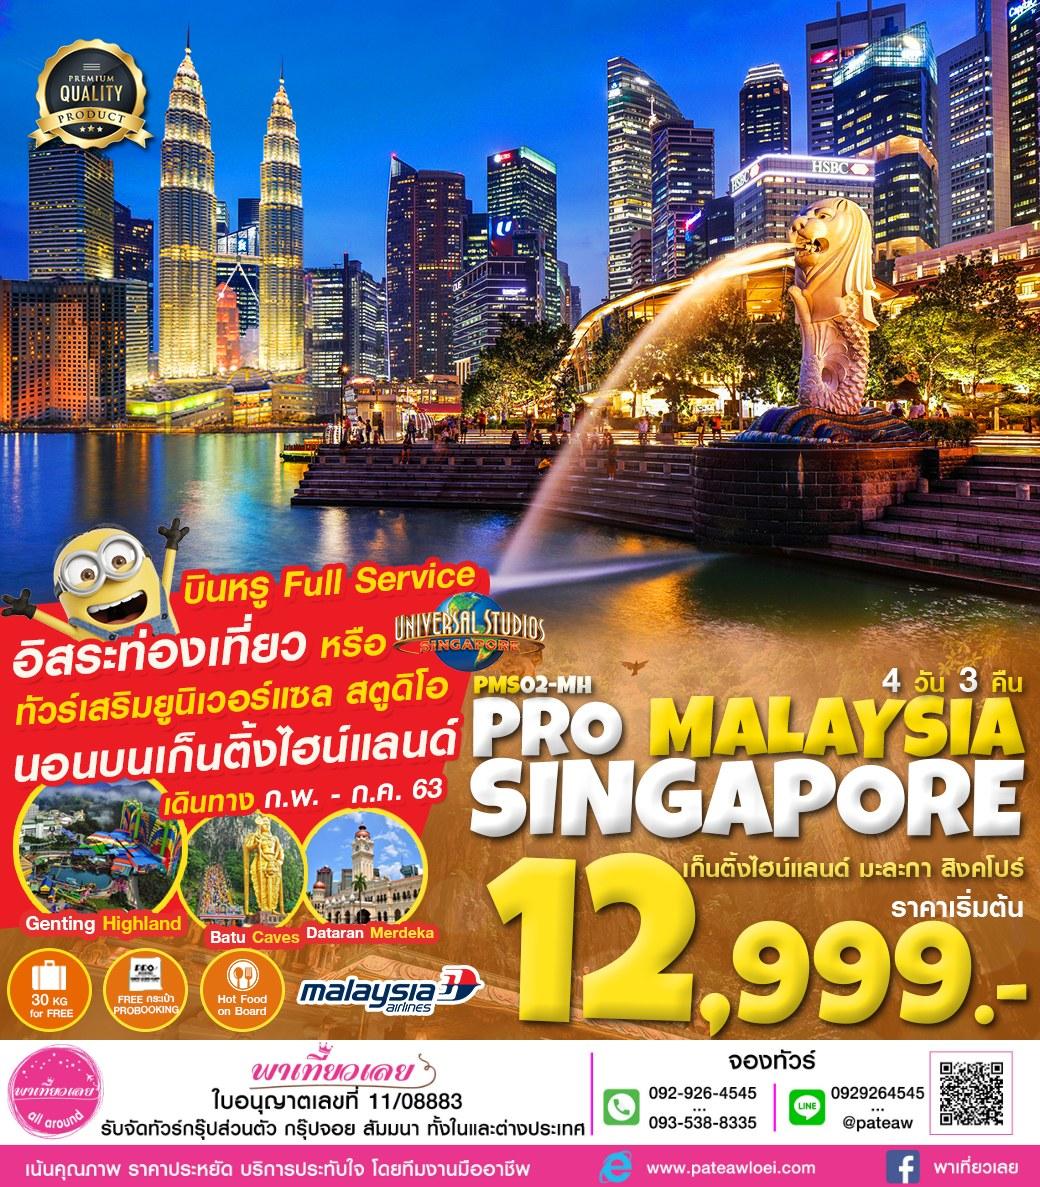 มาเลเซีย สิงคโปร์ GO INTER 4วัน 3คืน